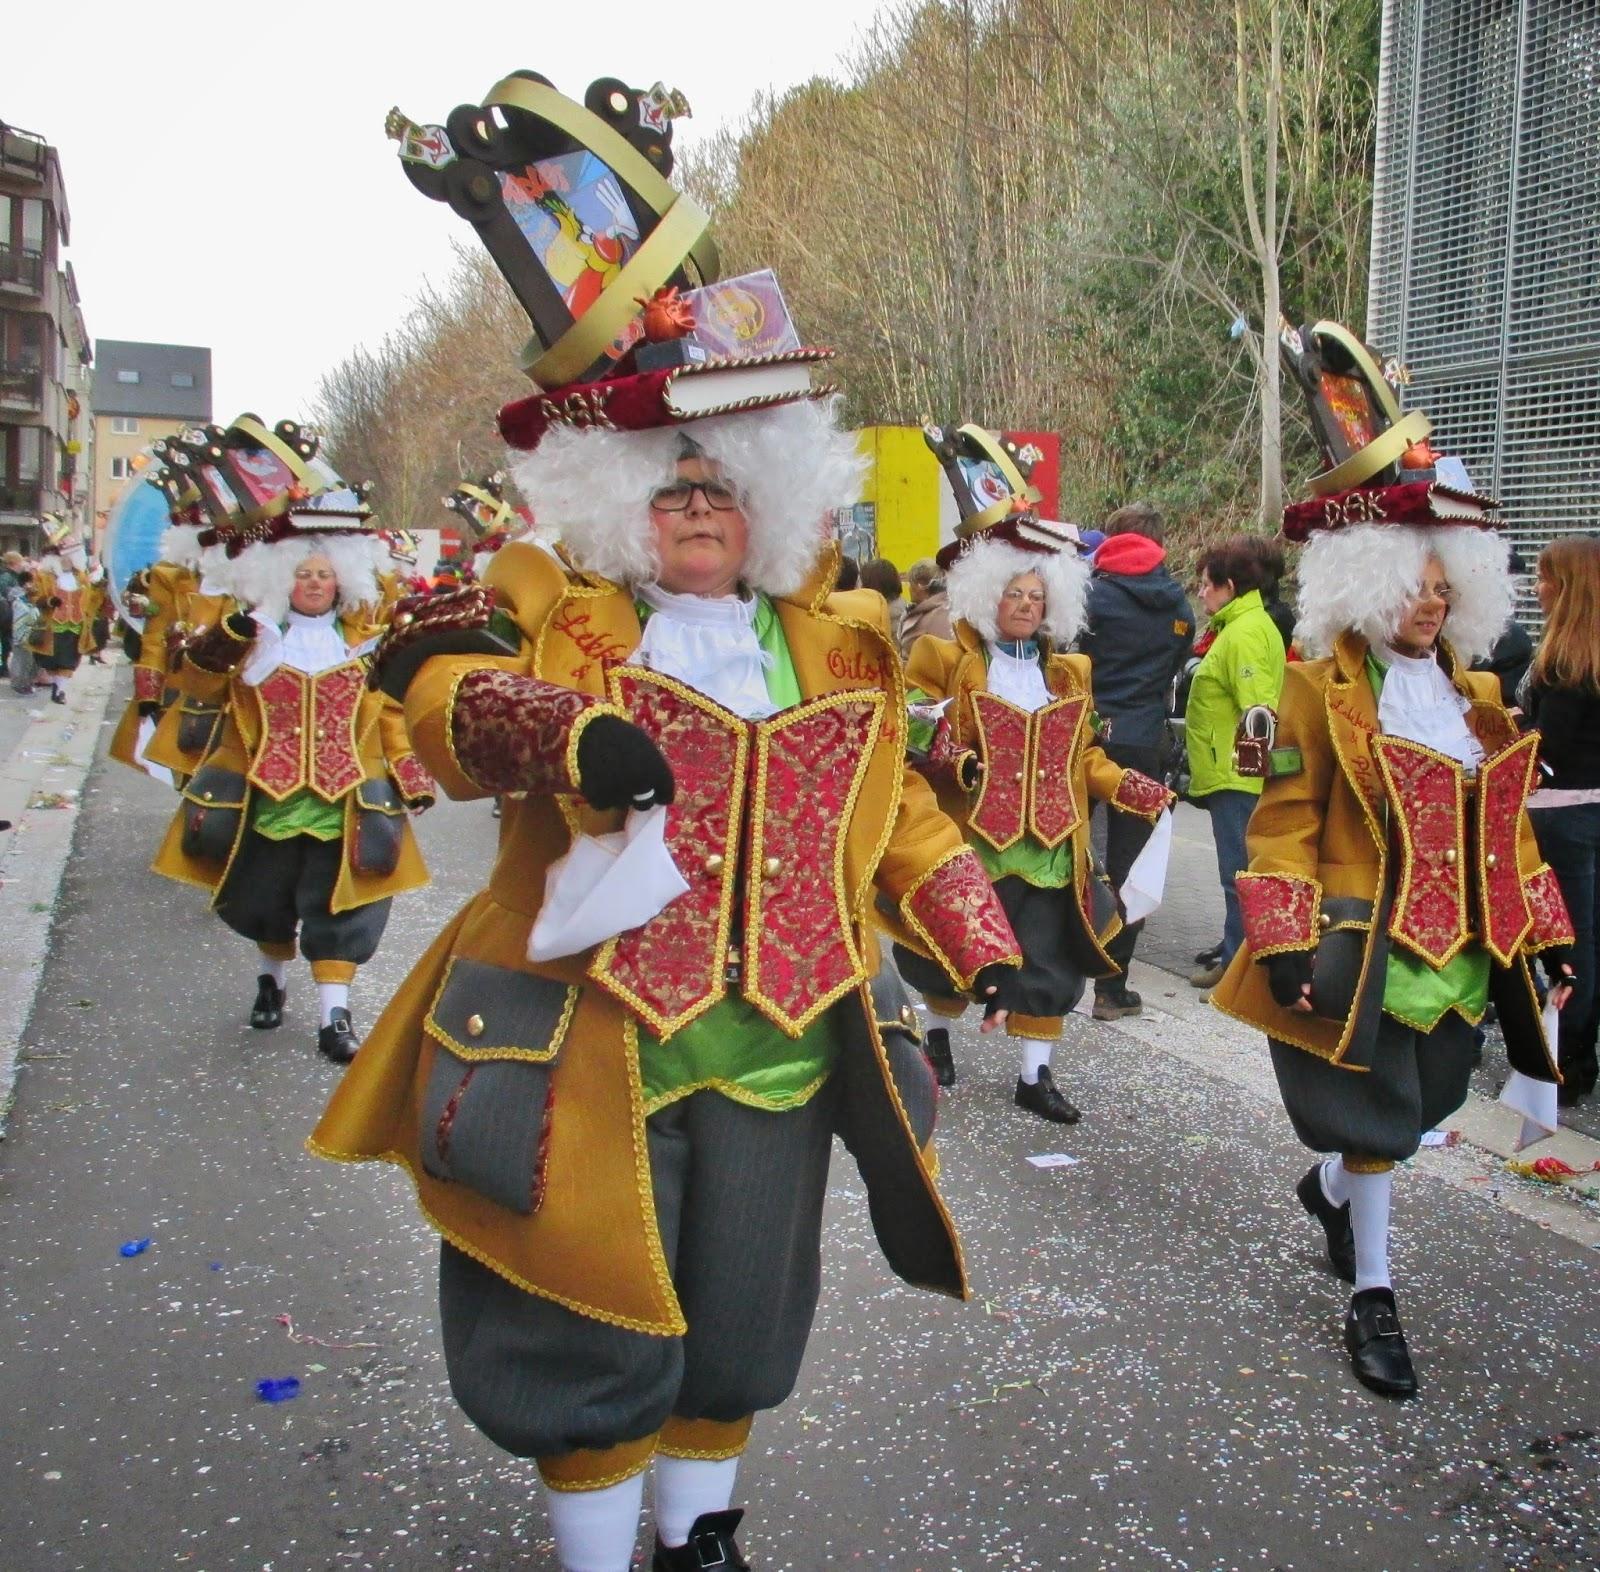 Carnaval Aalst foto- en videoblog: AKV De Steijnzoeln